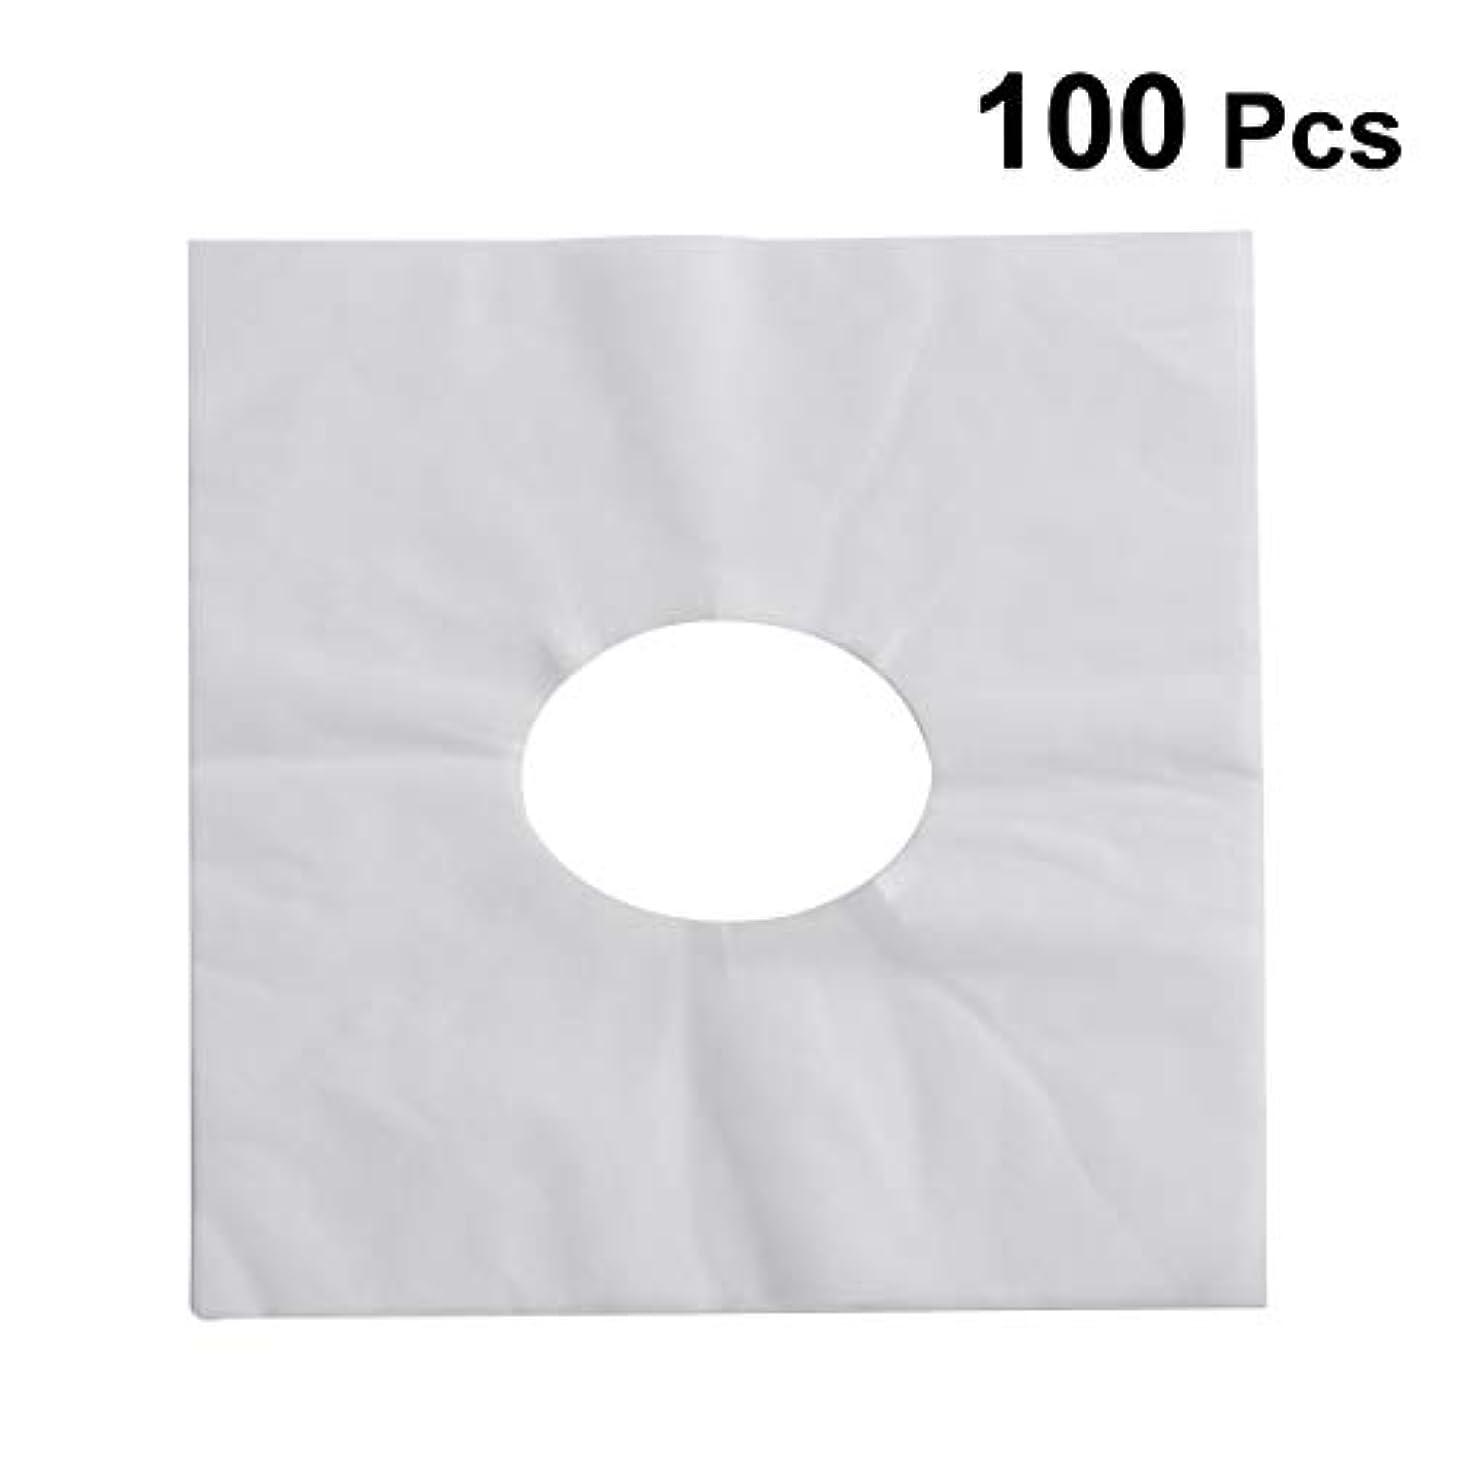 影響する対抗ドームHEALIFTY 使い捨てフェイスカバーパッドフェイスホールピロークッションマットSPA 100個入(ホワイト)